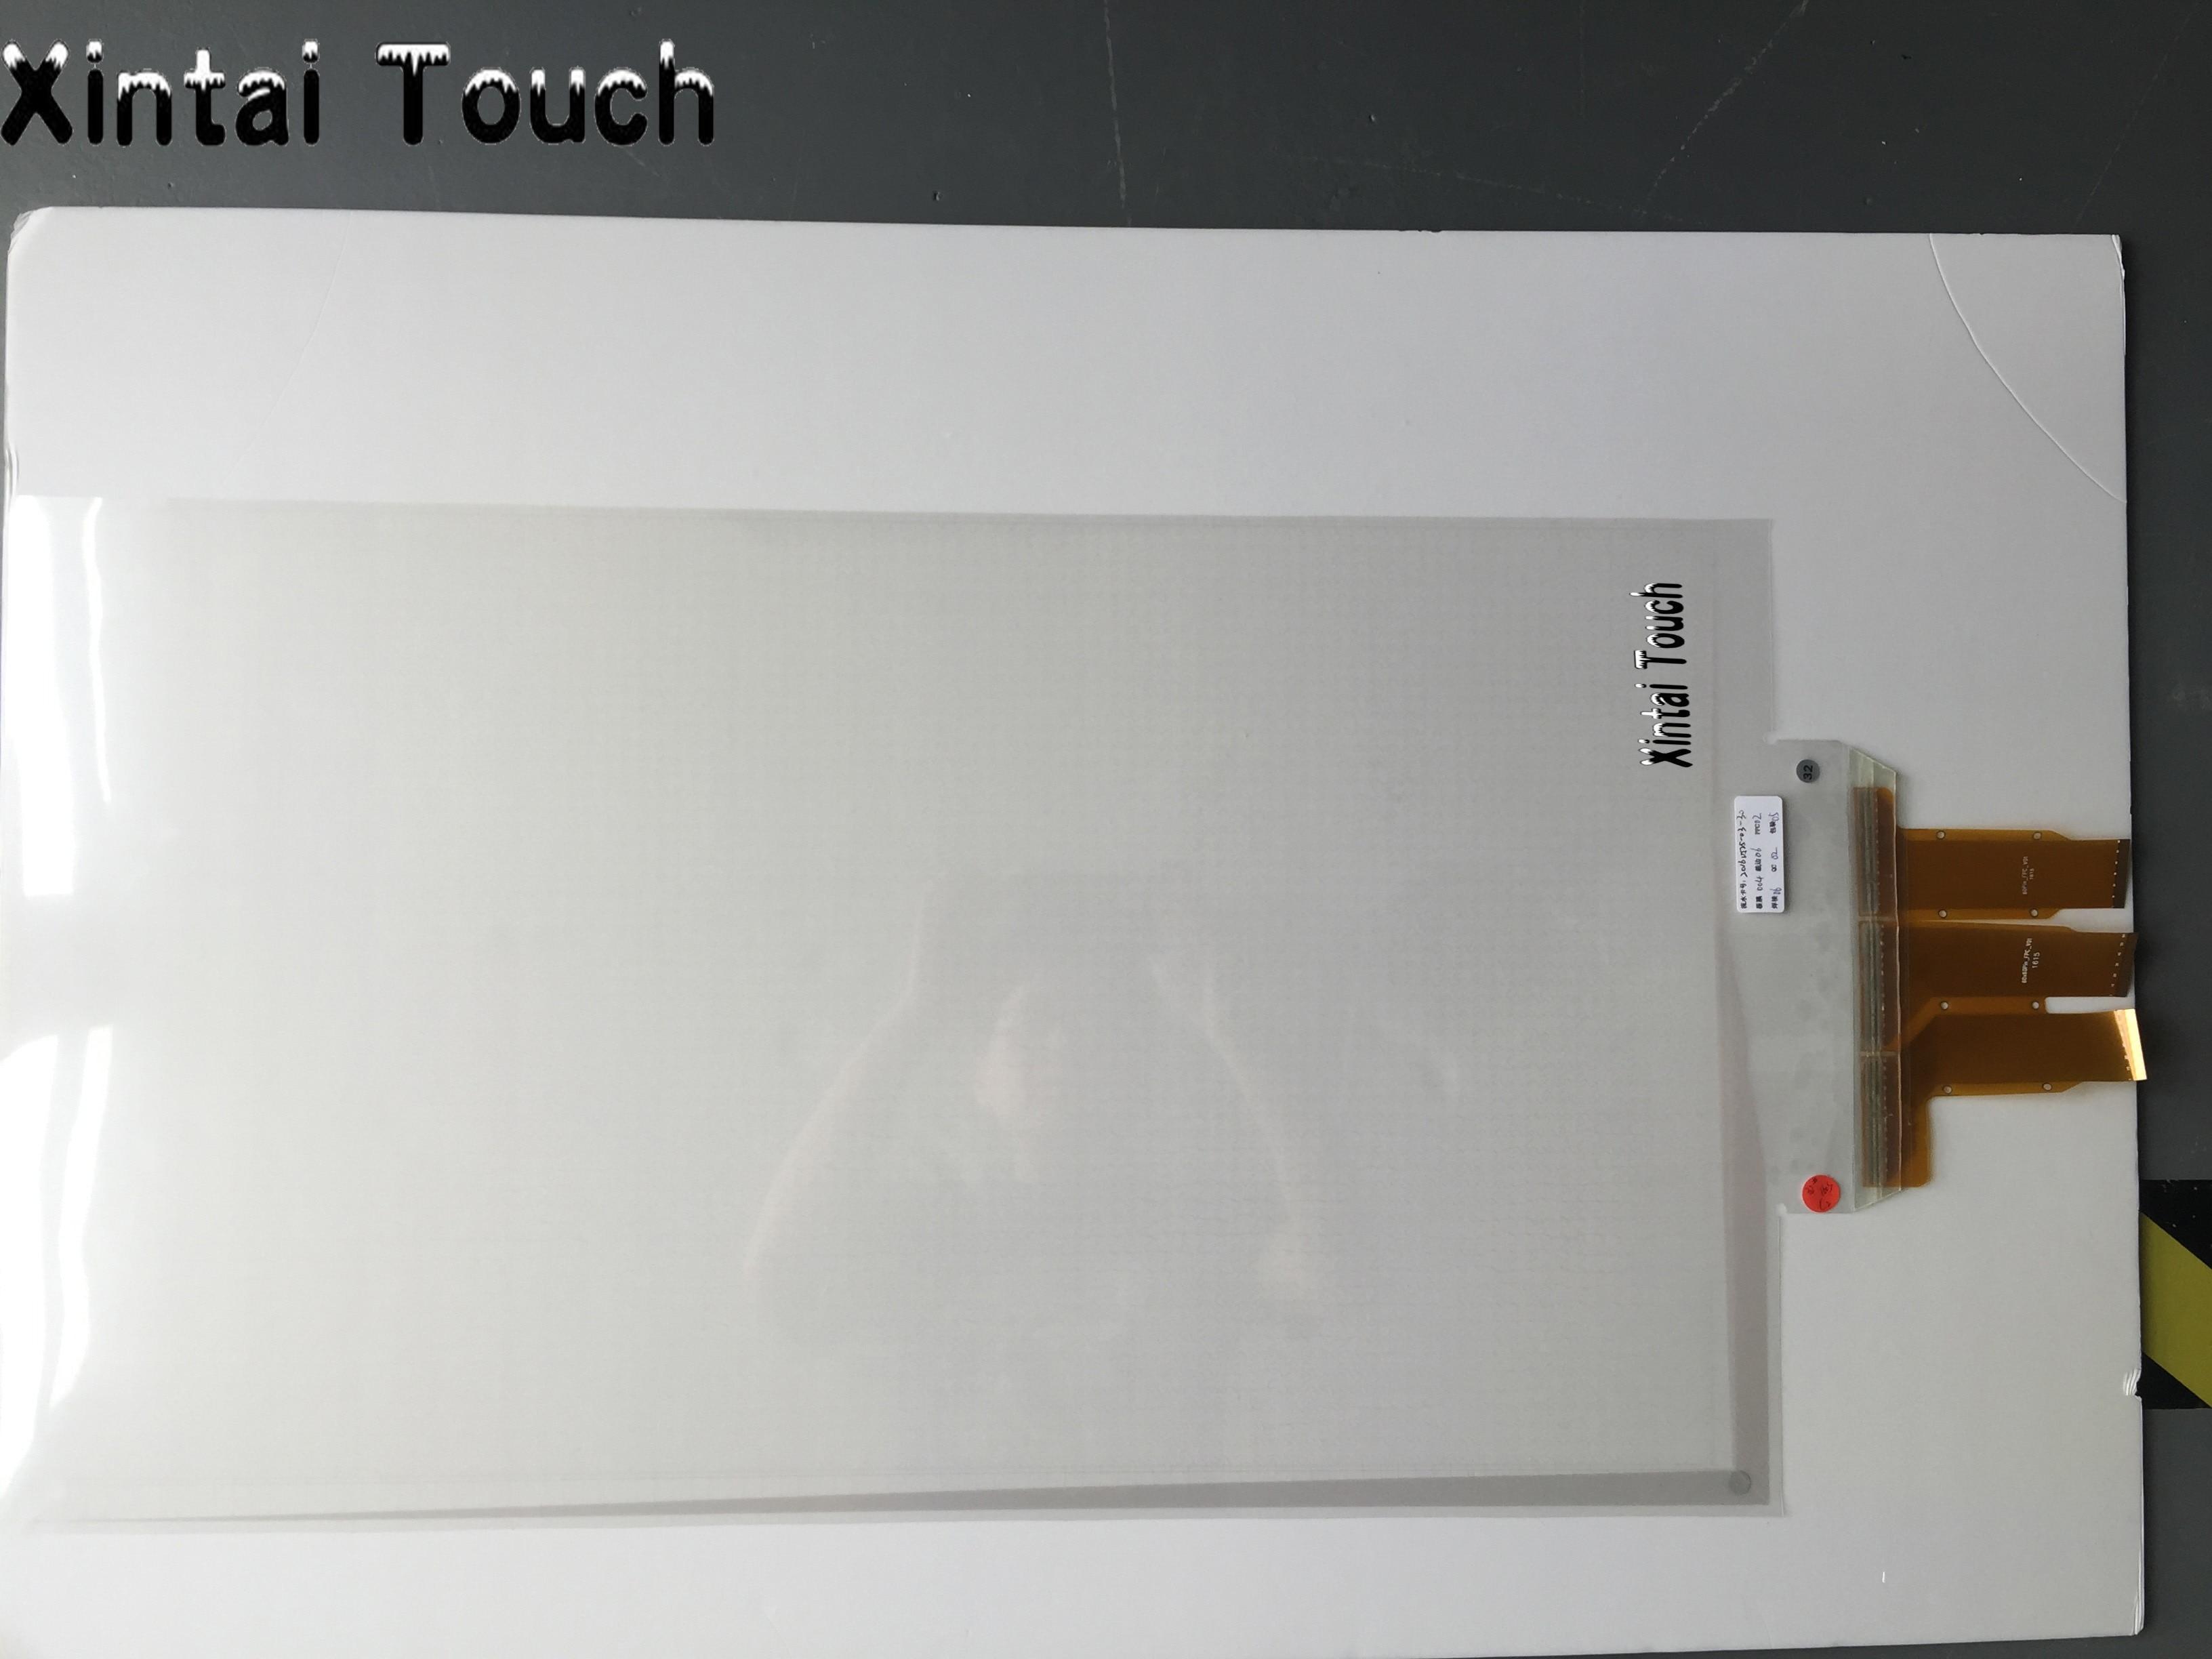 ¡En venta! Película para pantalla táctil interactiva USB de bajo costo de 86 pulgadas 20 puntos para quiosco táctil, mesa, etc.